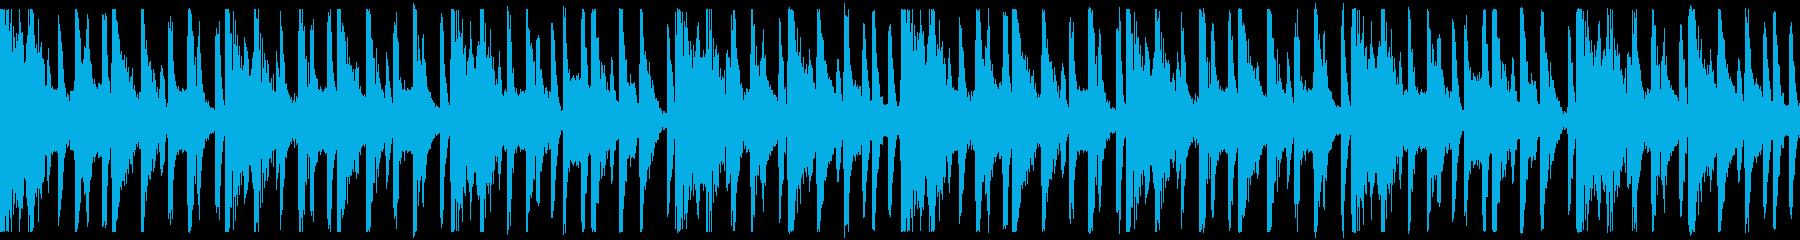 気まぐれなヒップホッププロダクショ...の再生済みの波形